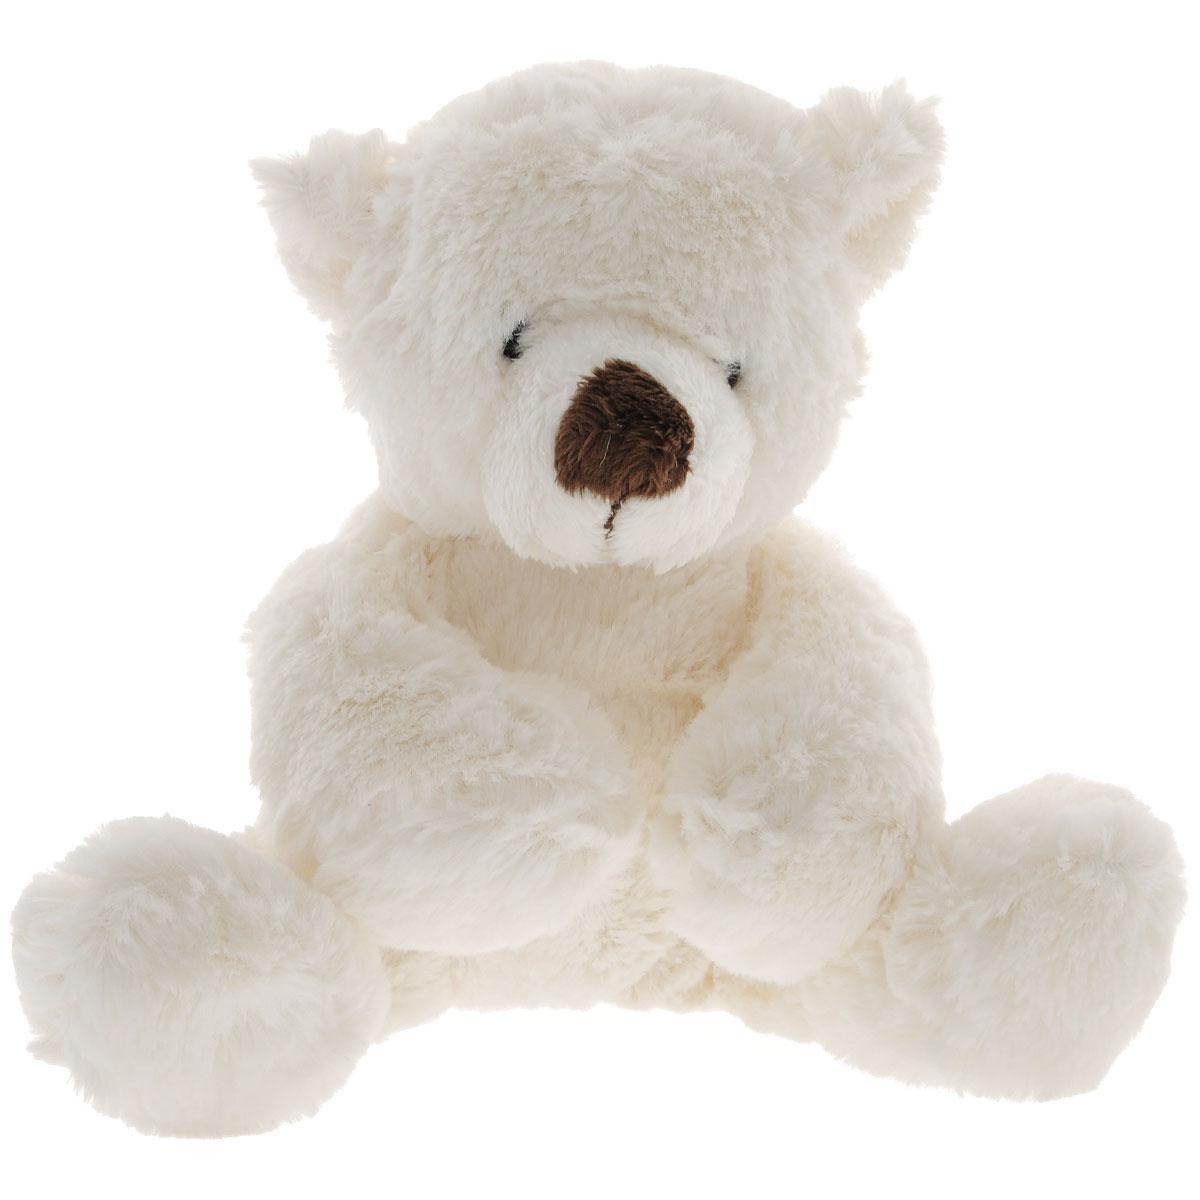 Gulliver Мягкая игрушка Медведь белый, лежачая, 23 см7-43063-1Медведь создан на радость мальчикам и девочкам, но и взрослые не смогут пройти мимо такого очаровашки. Ребенку понравится спать с плюшевым другом, крепко обняв его или положив под голову вместо подушки. Специальные гранулы, используемые при ее набивке, способствуют развитию мелкой моторики рук малыша. Удивительно мягкая игрушка принесет радость и подарит своему обладателю мгновения нежных объятий и приятных воспоминаний. Великолепное качество исполнения делают эту игрушку чудесным подарком к любому празднику.